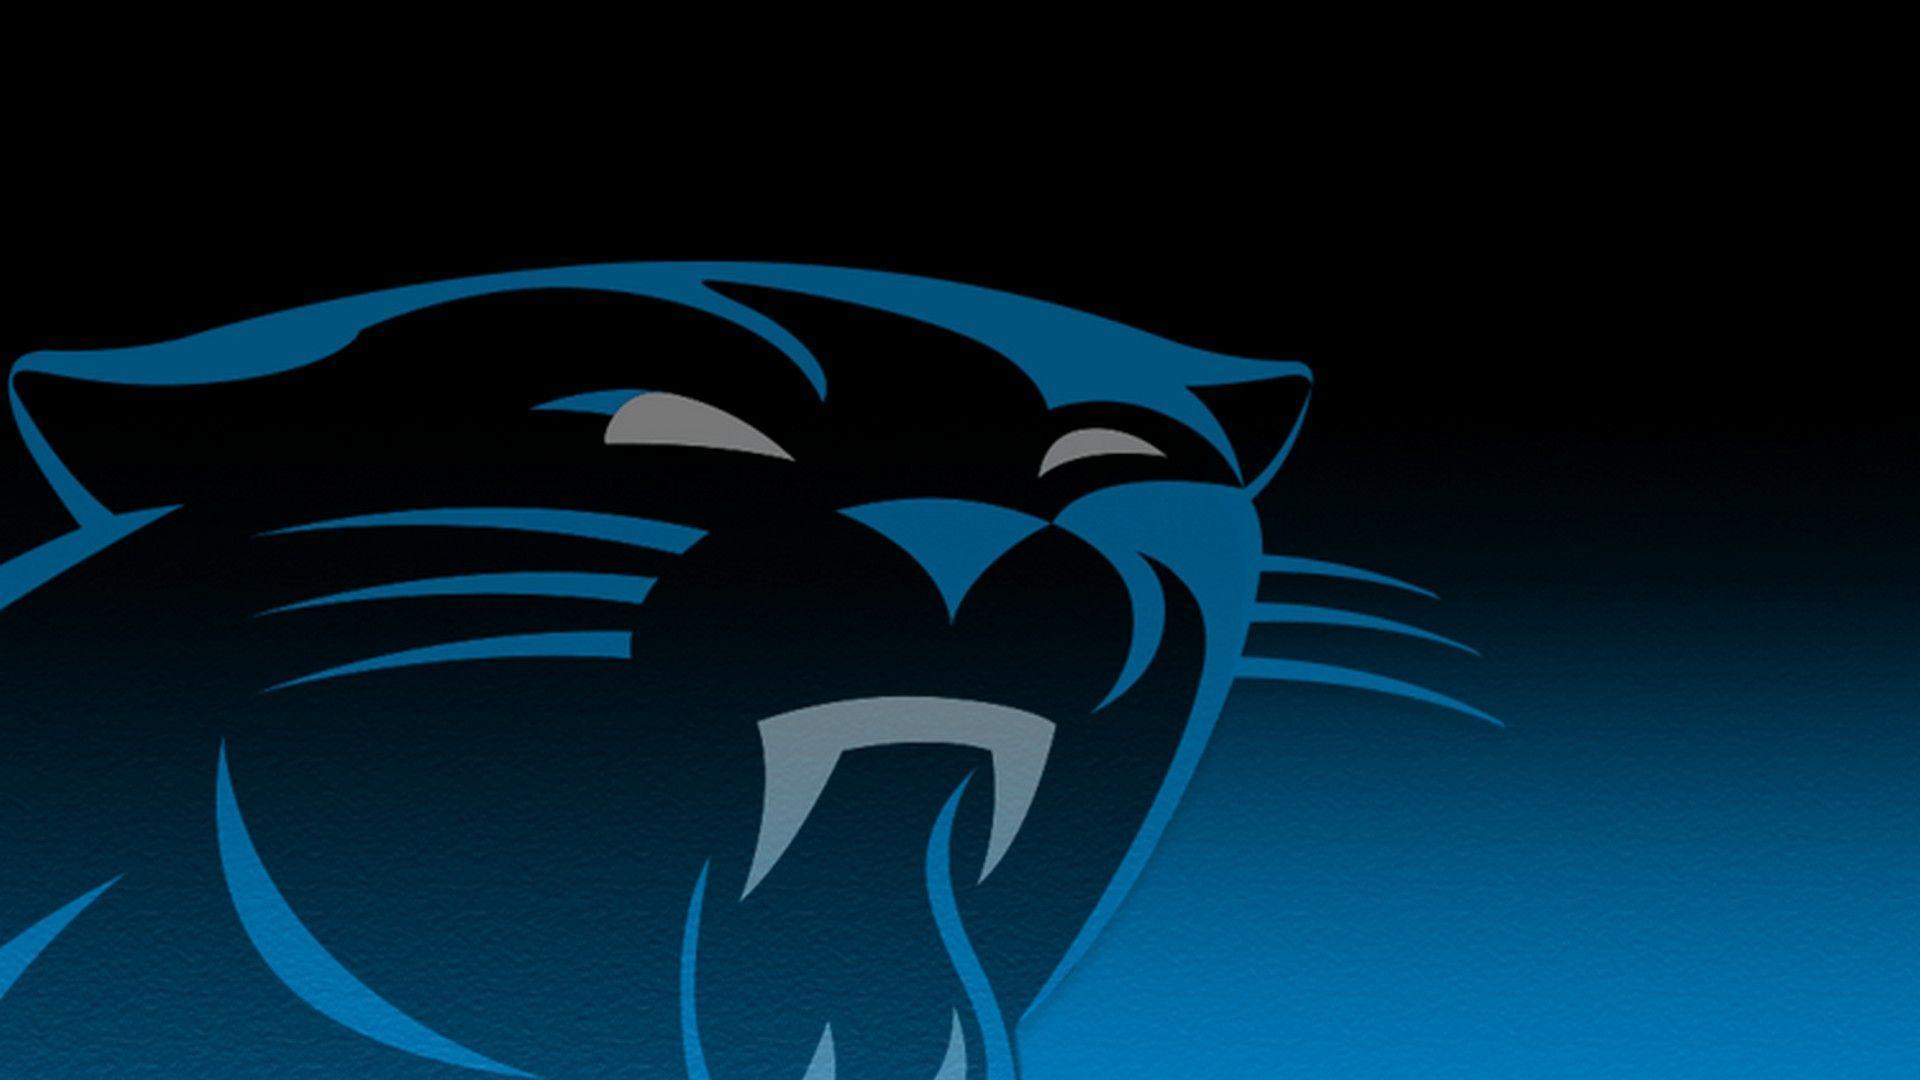 Carolina Panthers Wallpapers - Top Free Carolina Panthers ...